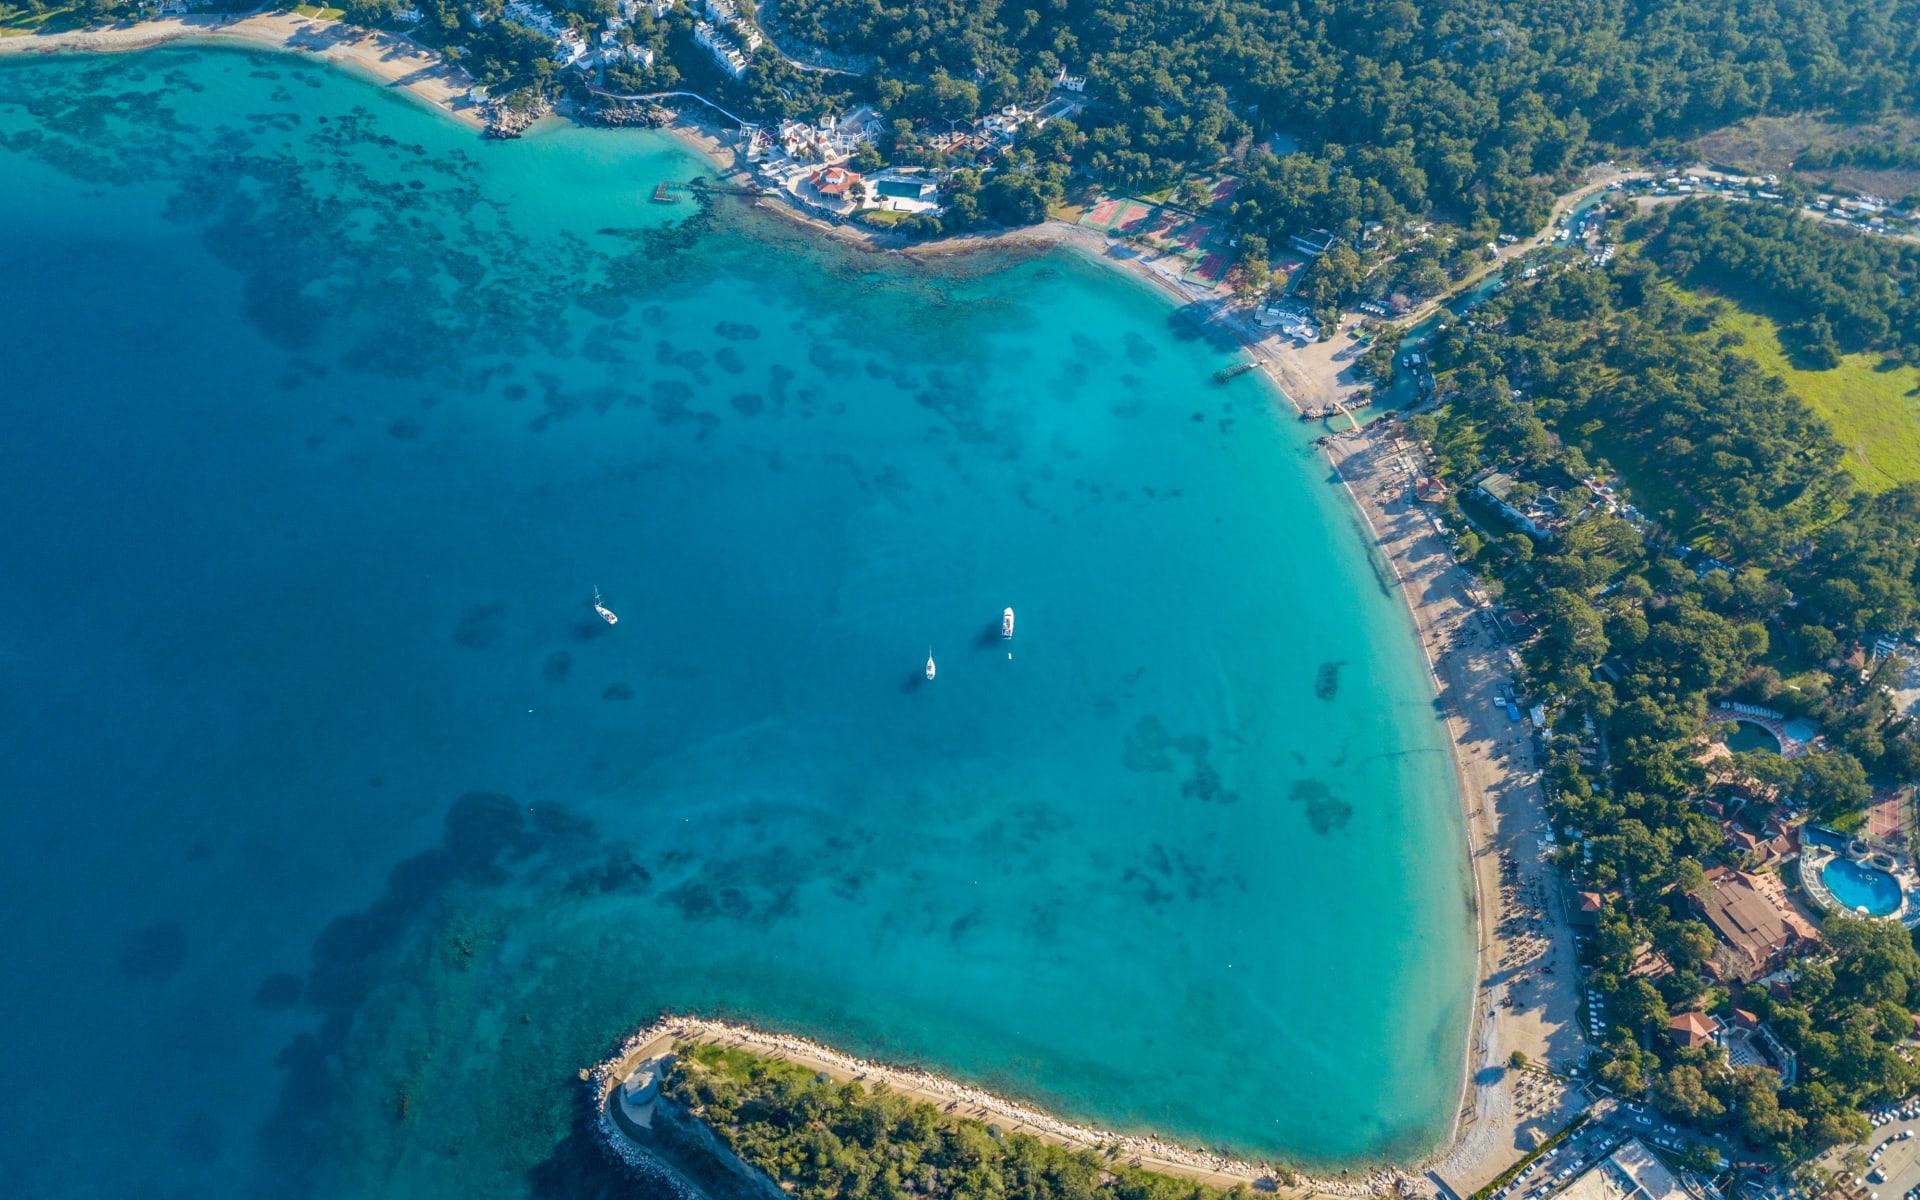 Badeferien im Delphine Deluxe Blue Waters ab Antalya: blaues Meer_Türkei